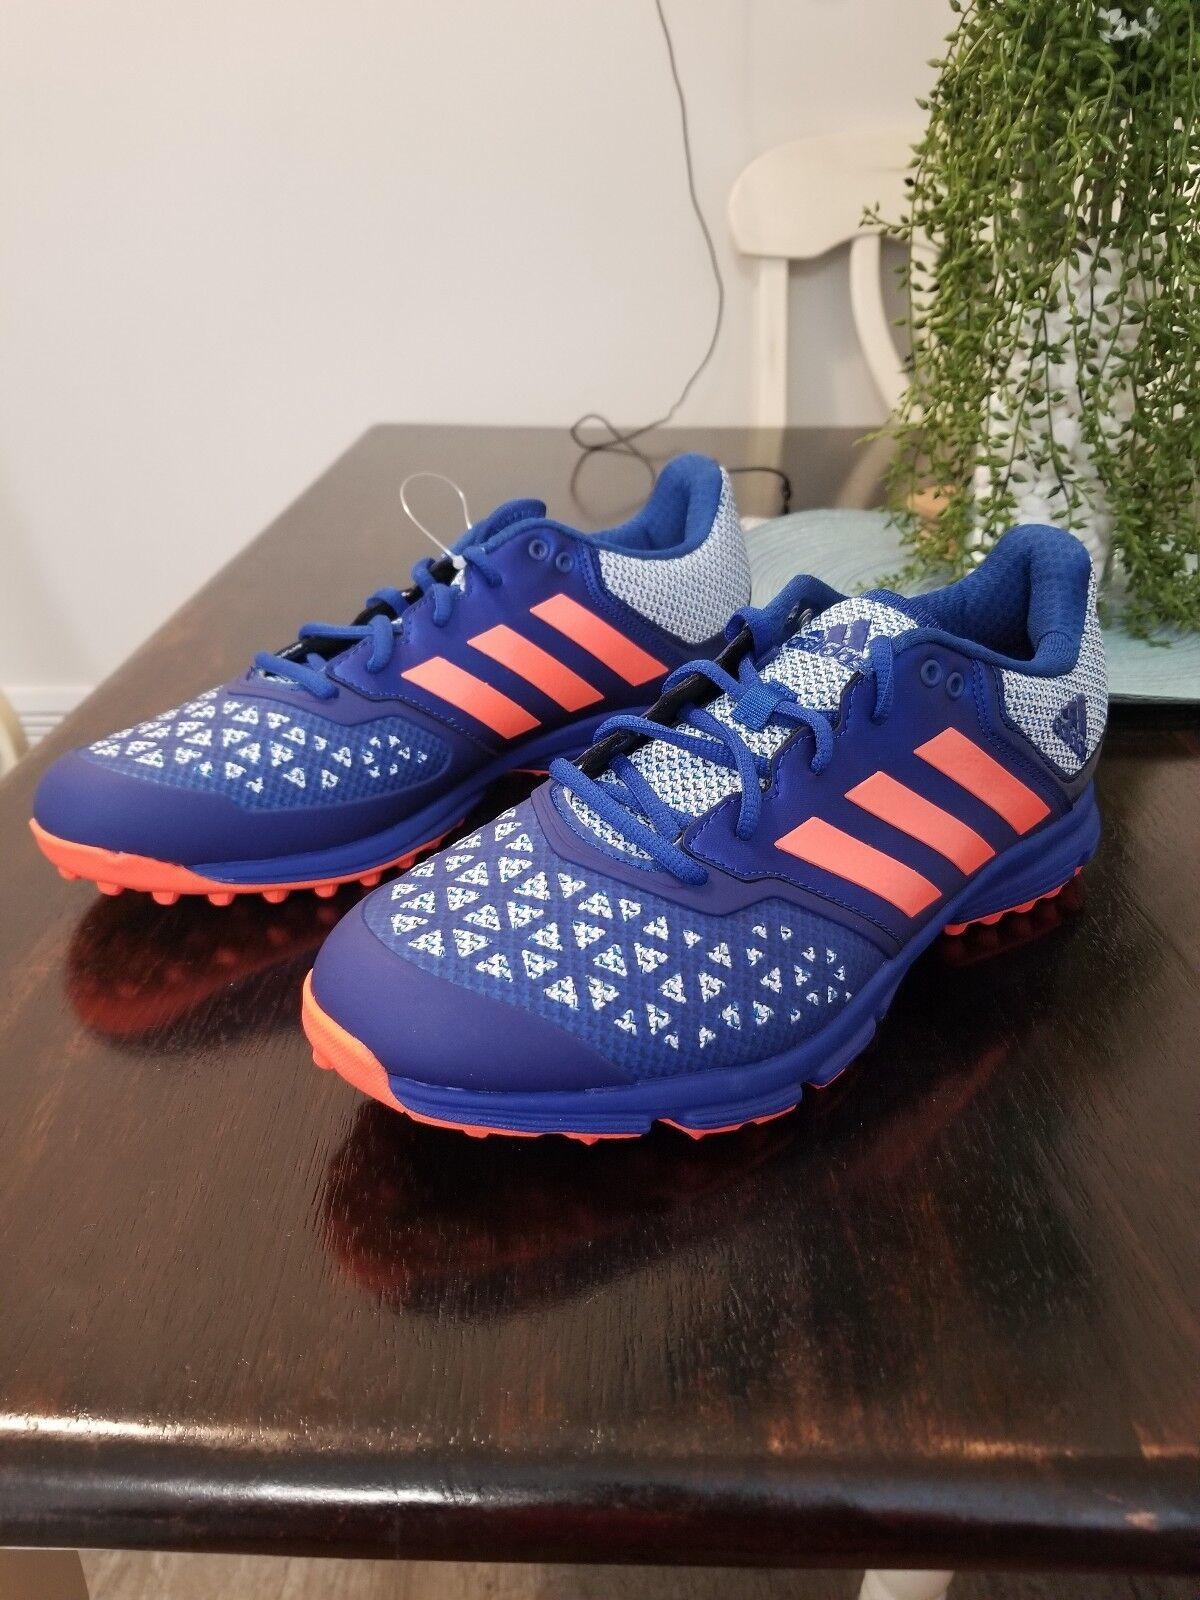 Adidas zona Azul Dox Hockey Zapato Azul zona Naranja Zapatillas Botines AQ6520 para hombres 5d0405